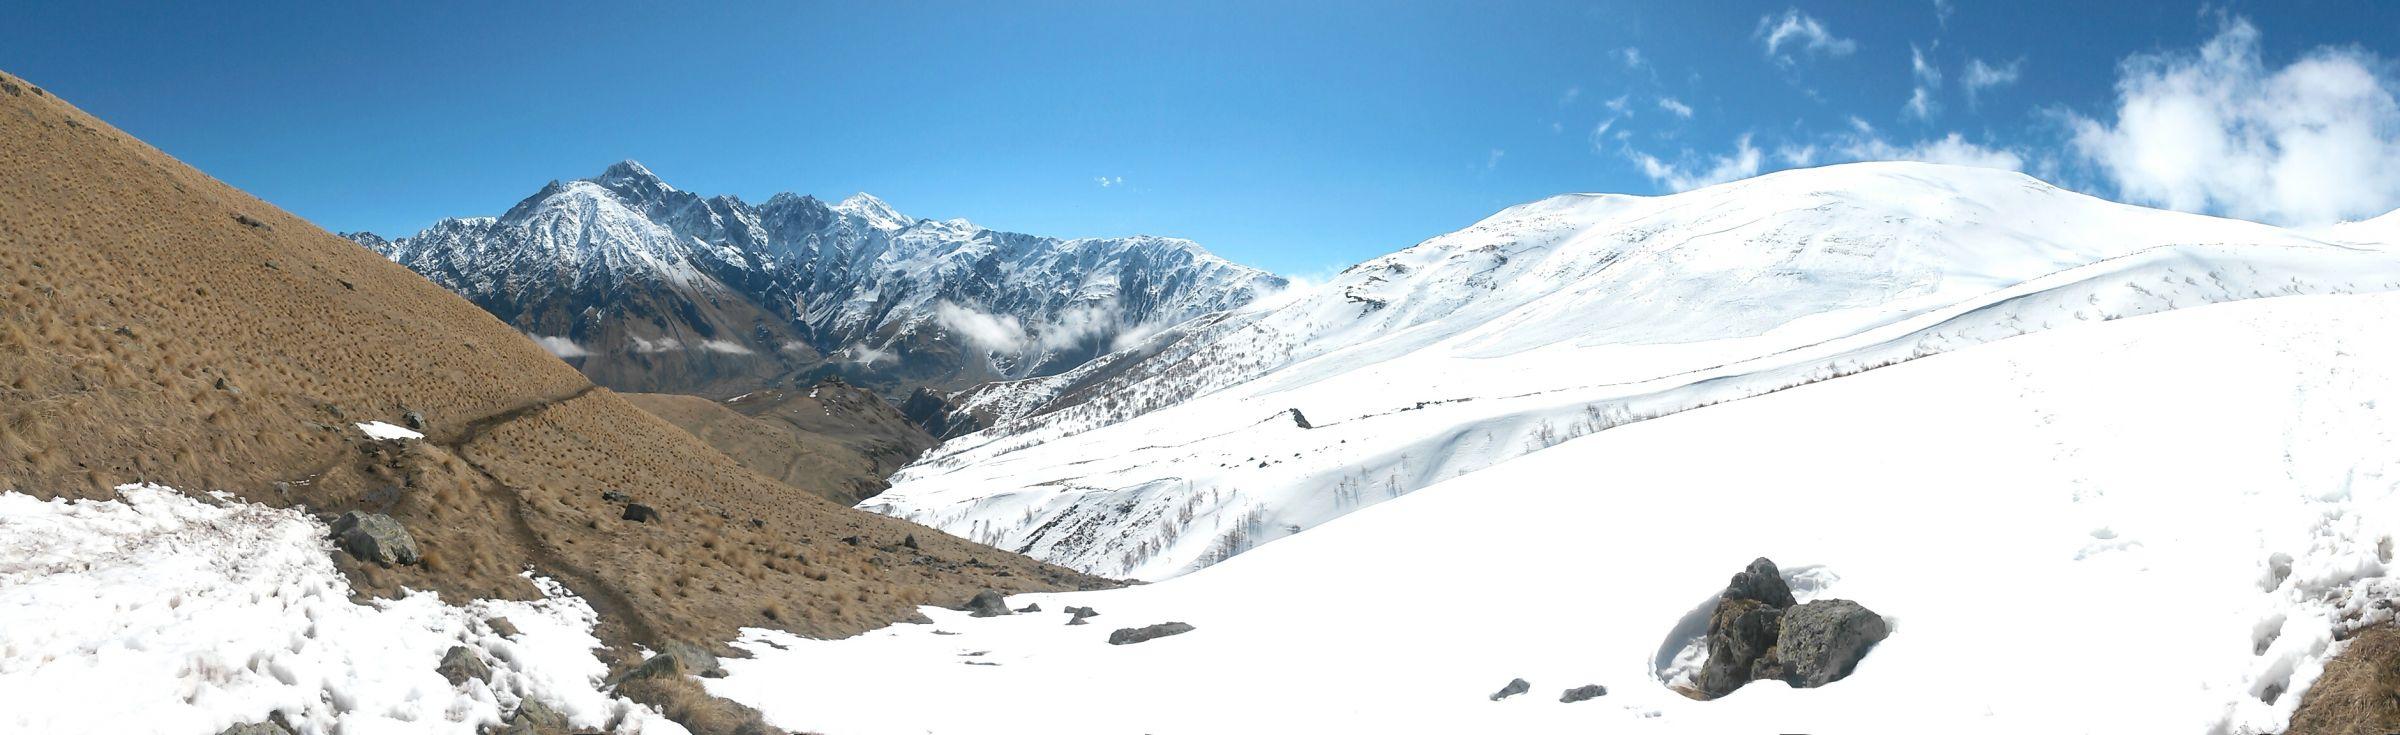 Ски-тур на Казбеке: панорама Казбека